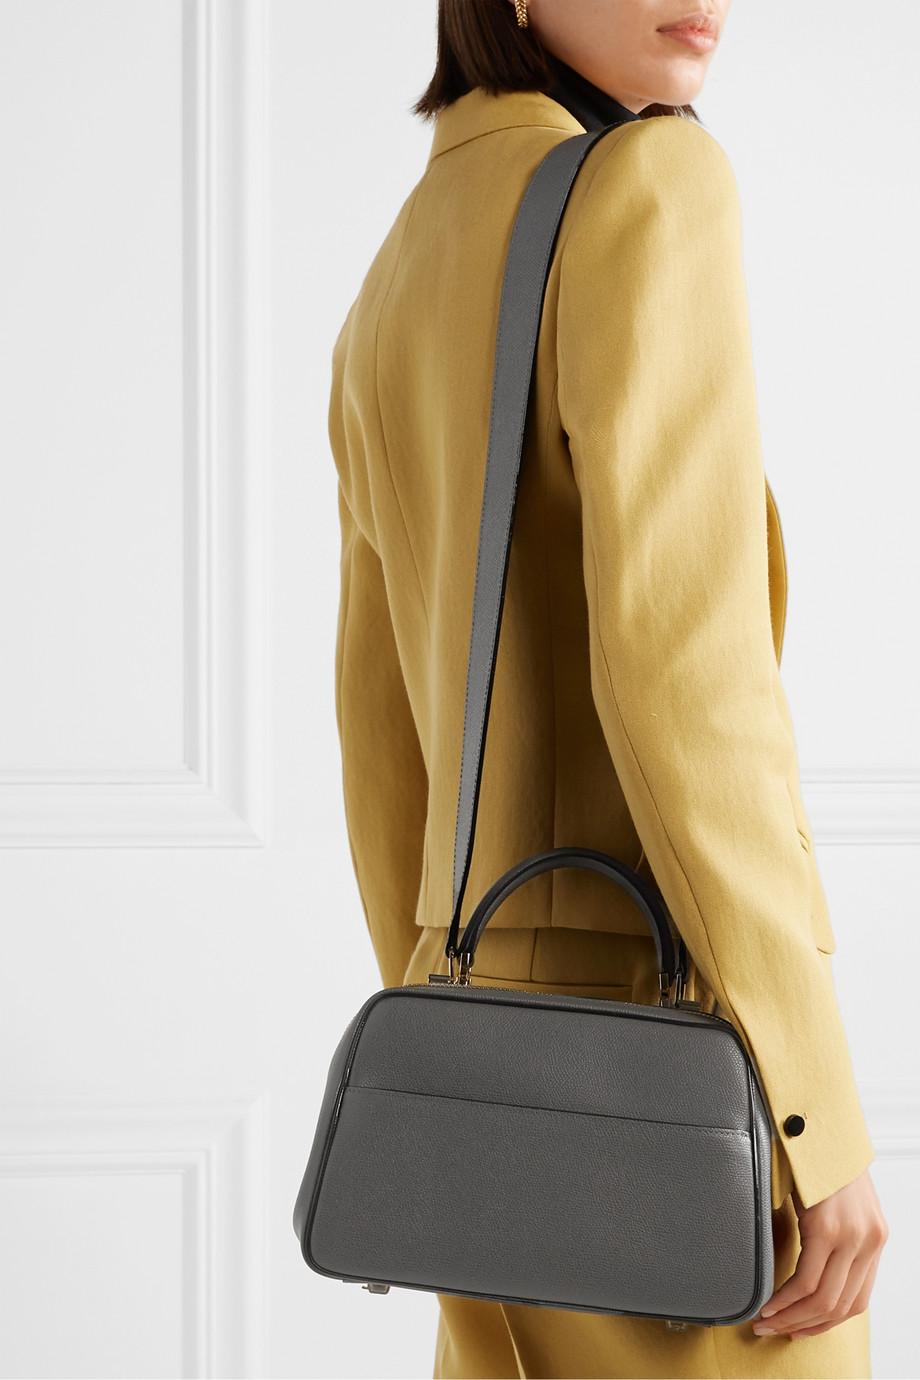 Valextra Serie S 纹理皮革中号手提包